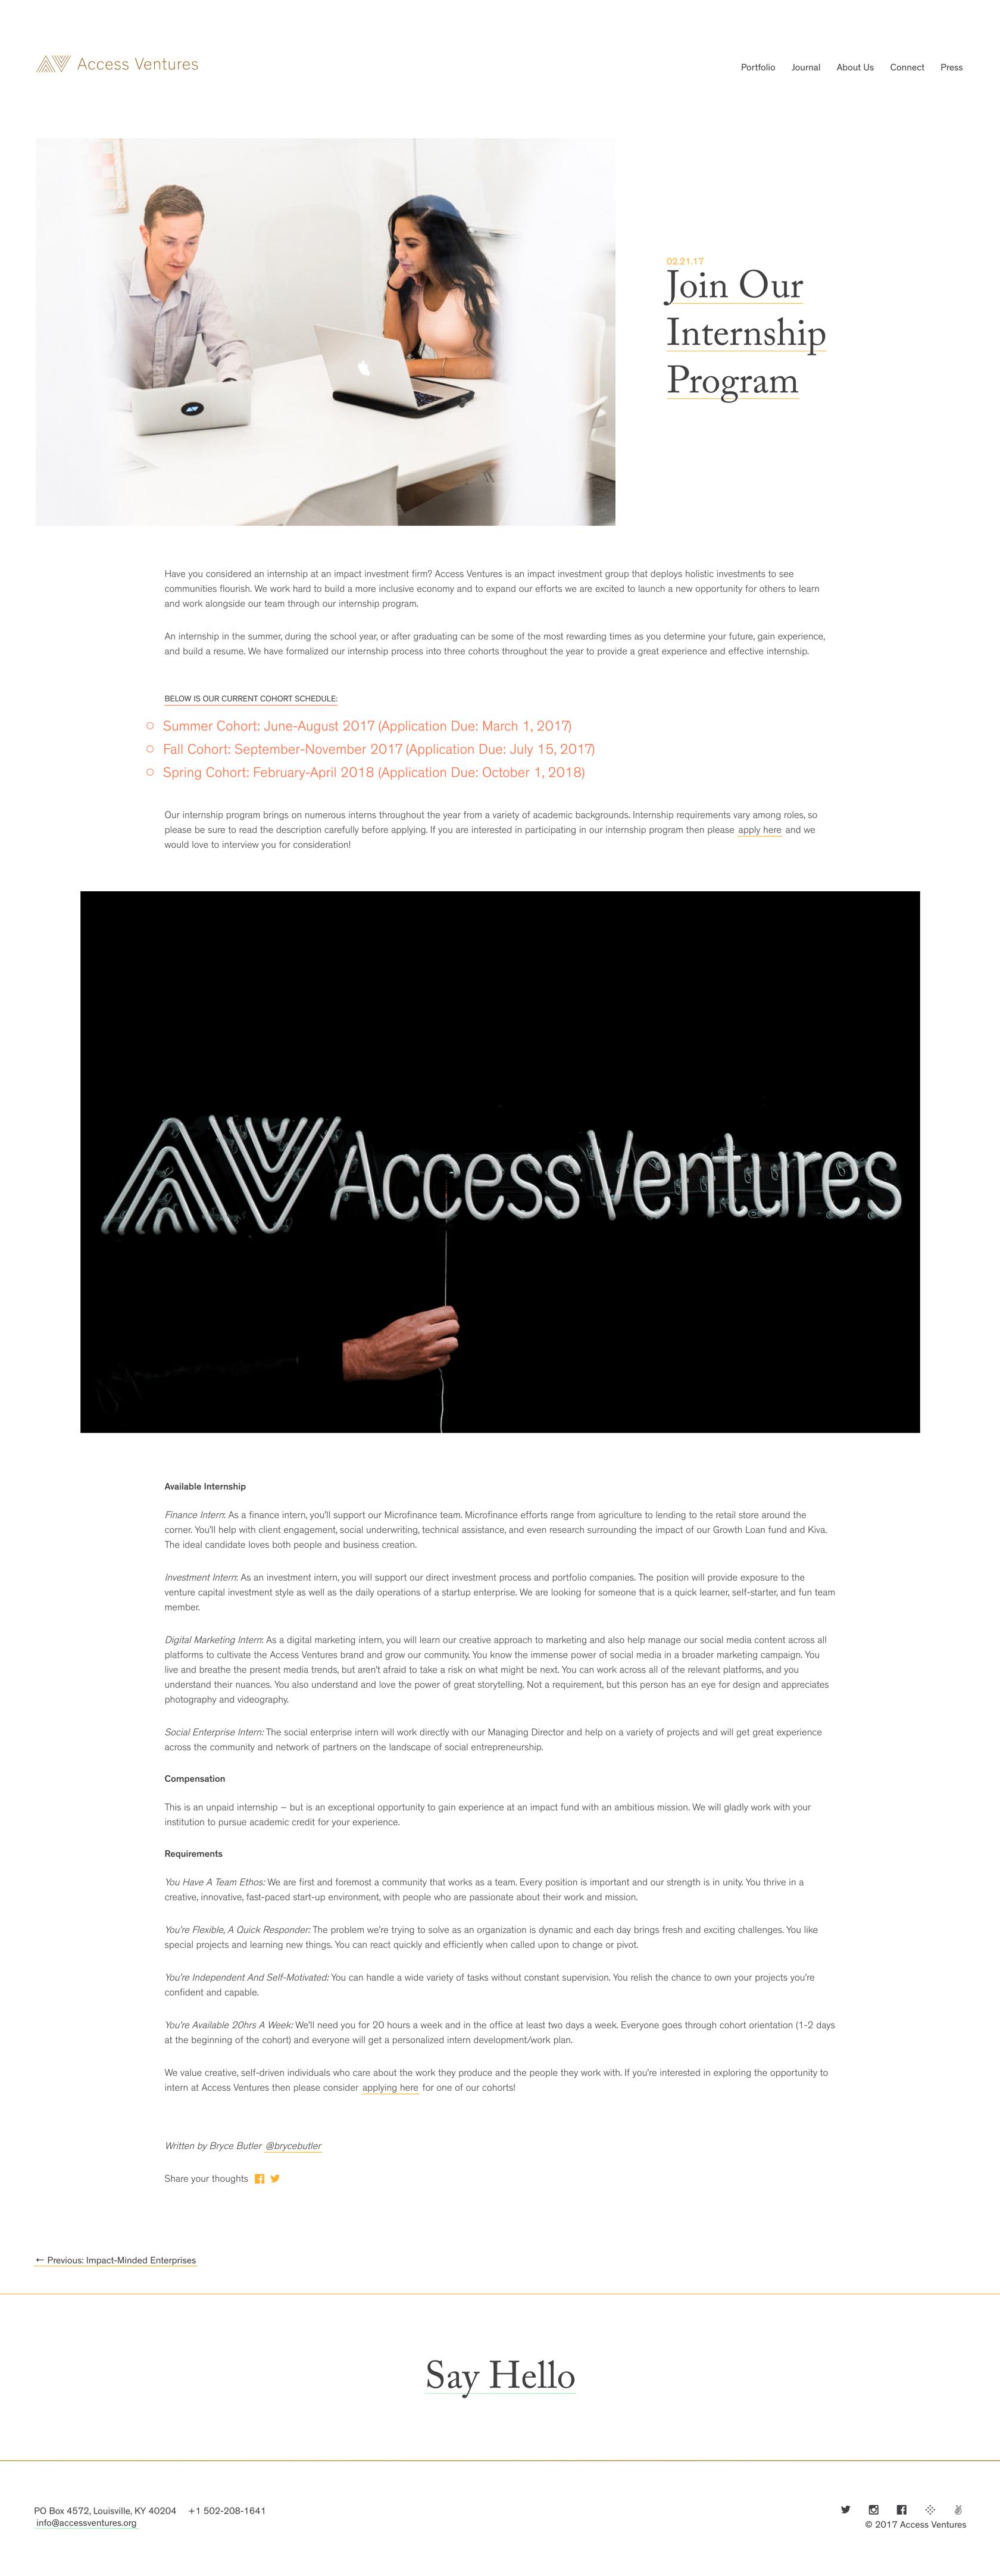 Accessventures 06